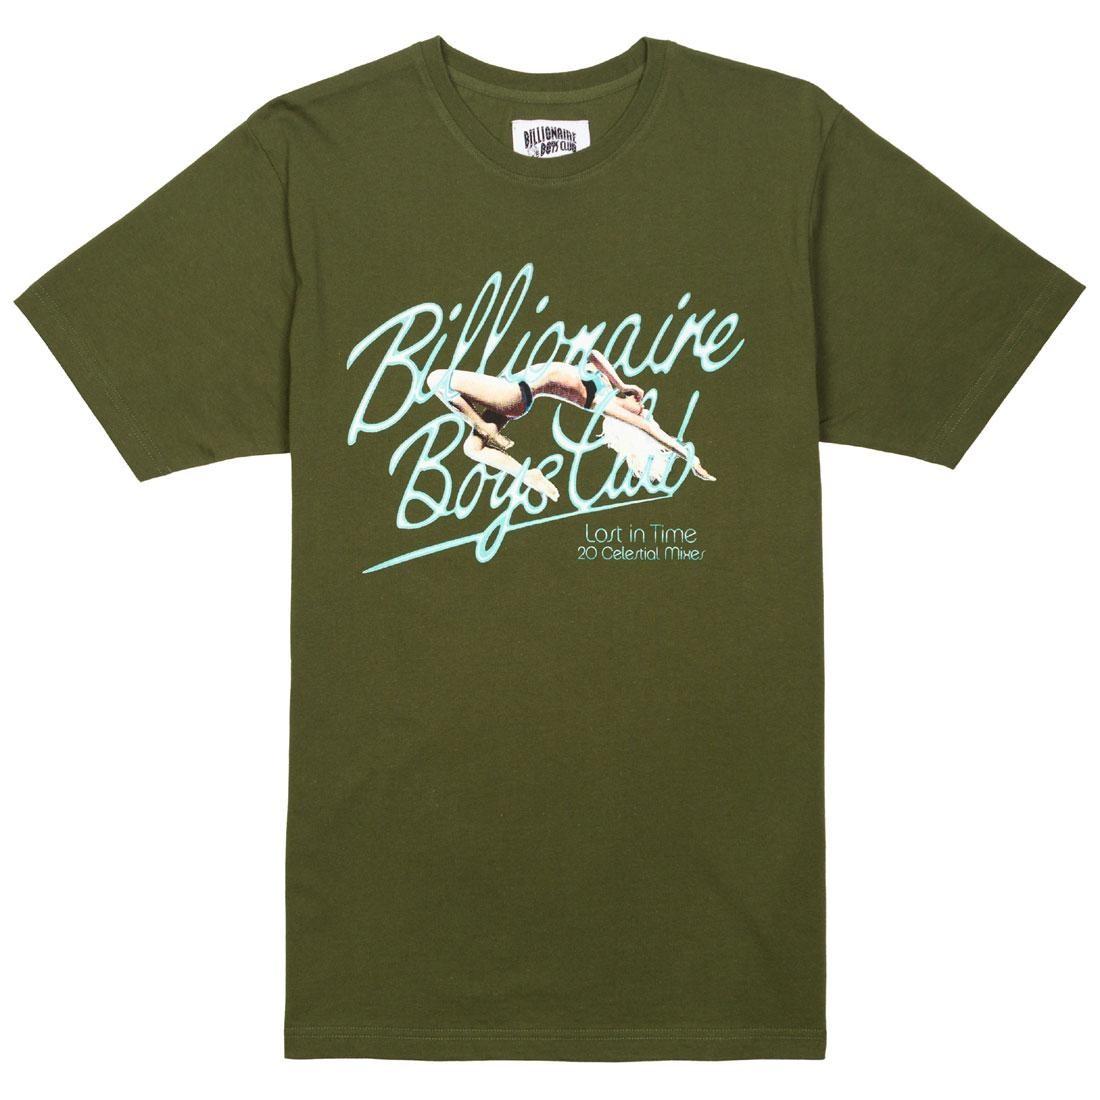 【海外限定】クラブ Tシャツ BILLIONAIRE カットソー【 BILLIONAIRE Tシャツ BOYS CLUB GREEN MEN CELESTIAL MIXES TEE GREEN CHIVE】, モナーク SHOP:1066eca9 --- officewill.xsrv.jp